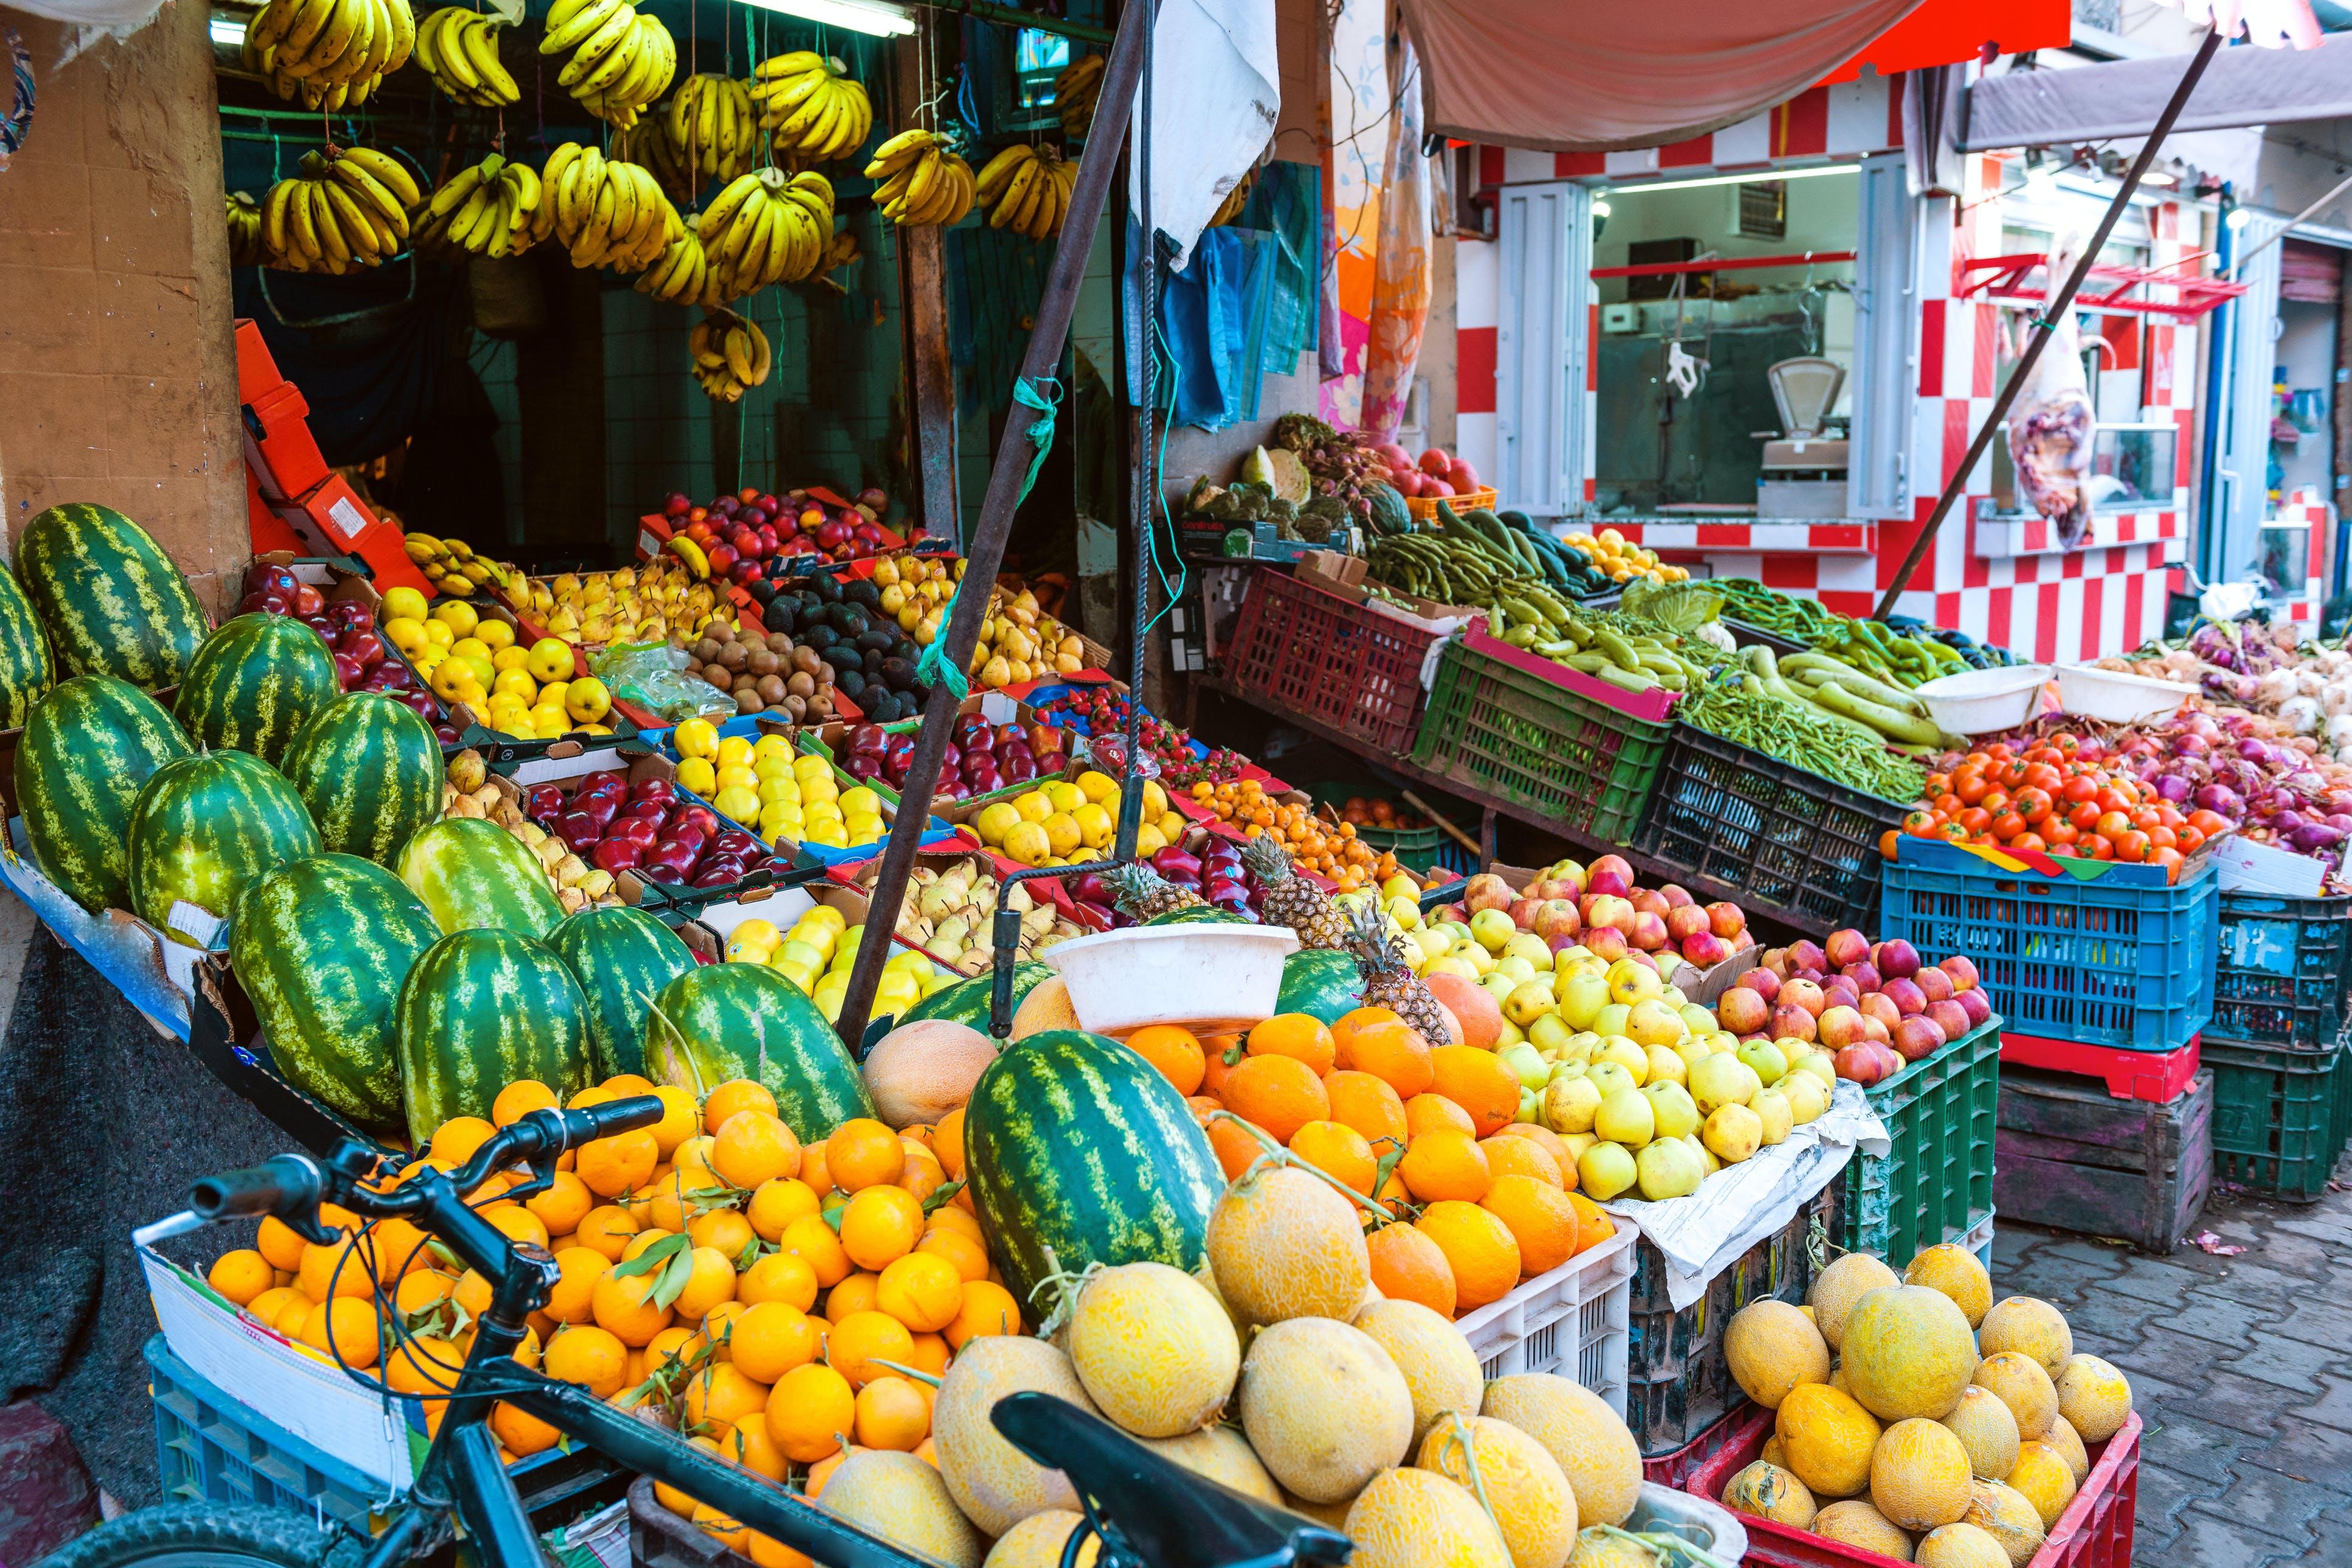 De groenten- en fruitmarkt in Fez